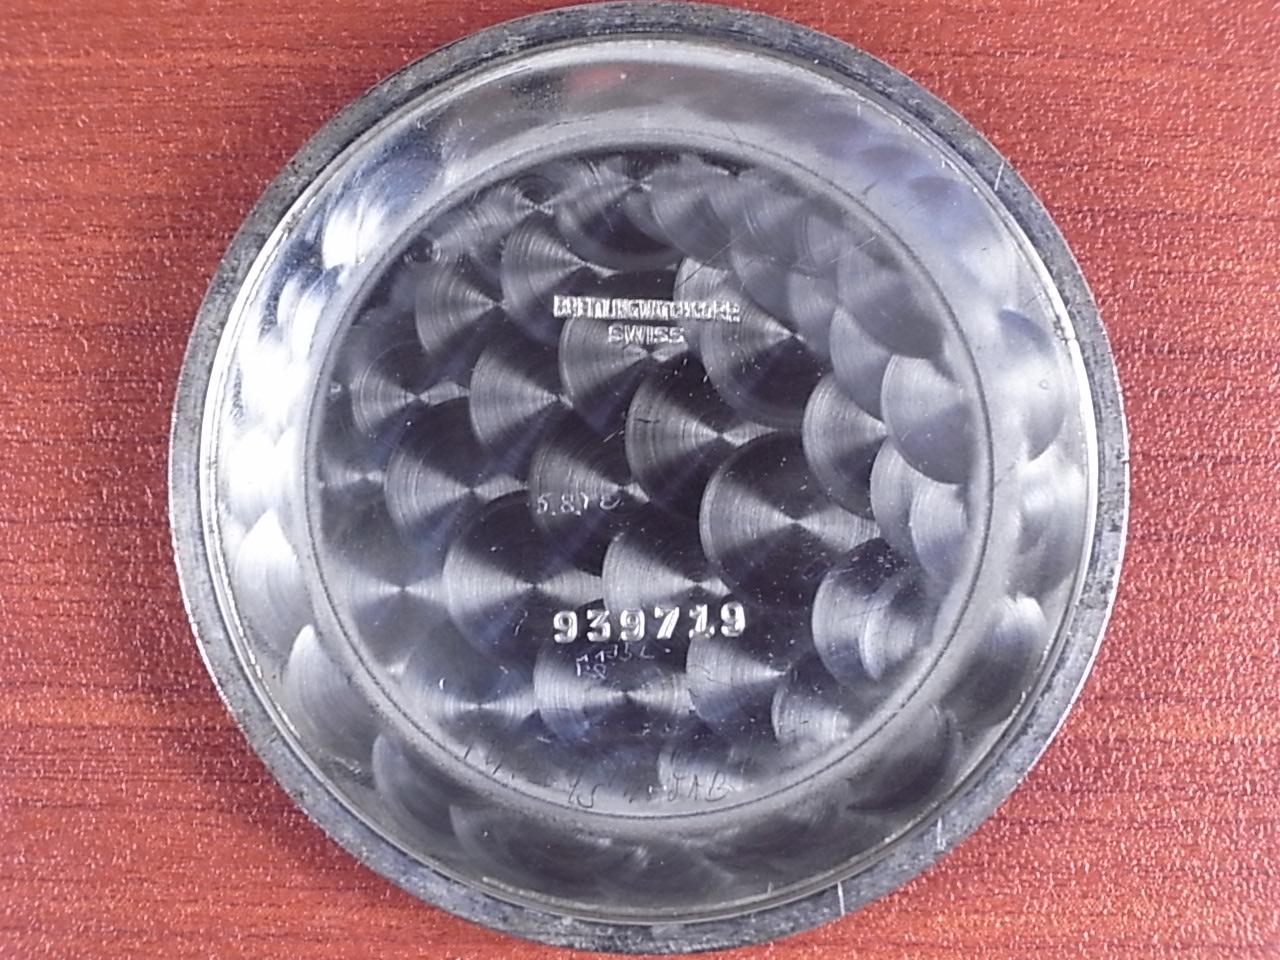 ブライトリング ナビタイマー 1stモデル Ref.806 ヴィーナス178 1950年代の写真6枚目